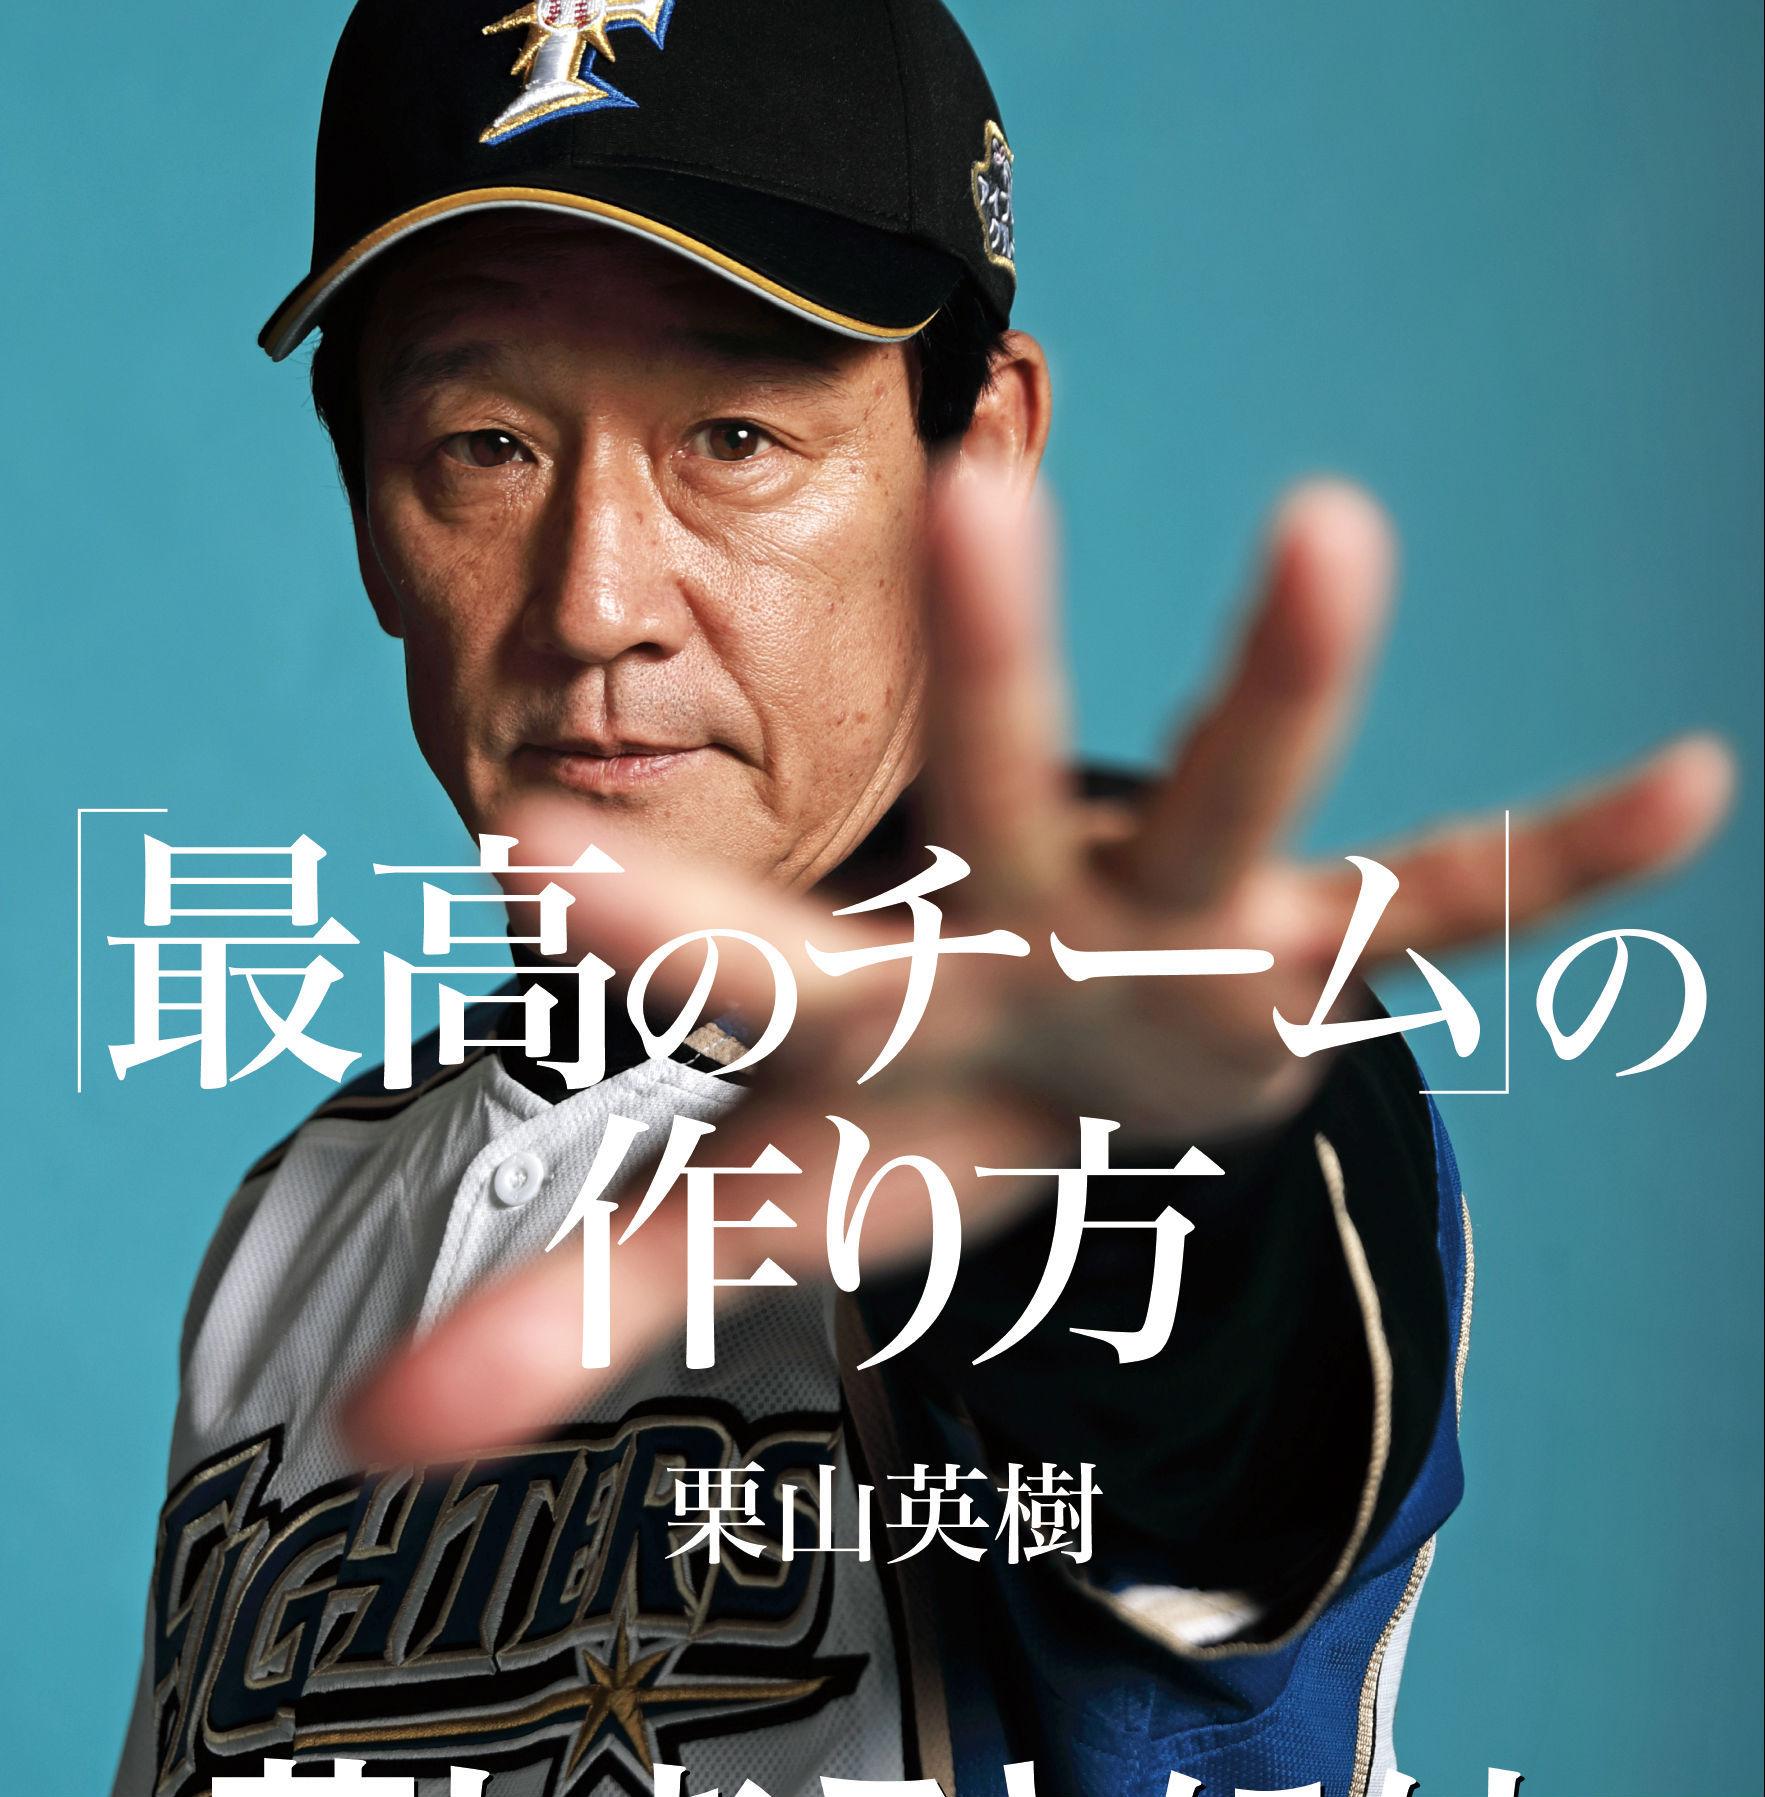 チームの勝利と大谷翔平という「宝」をどう使い分けるのか。日ハム・栗山監督が考えていたこと